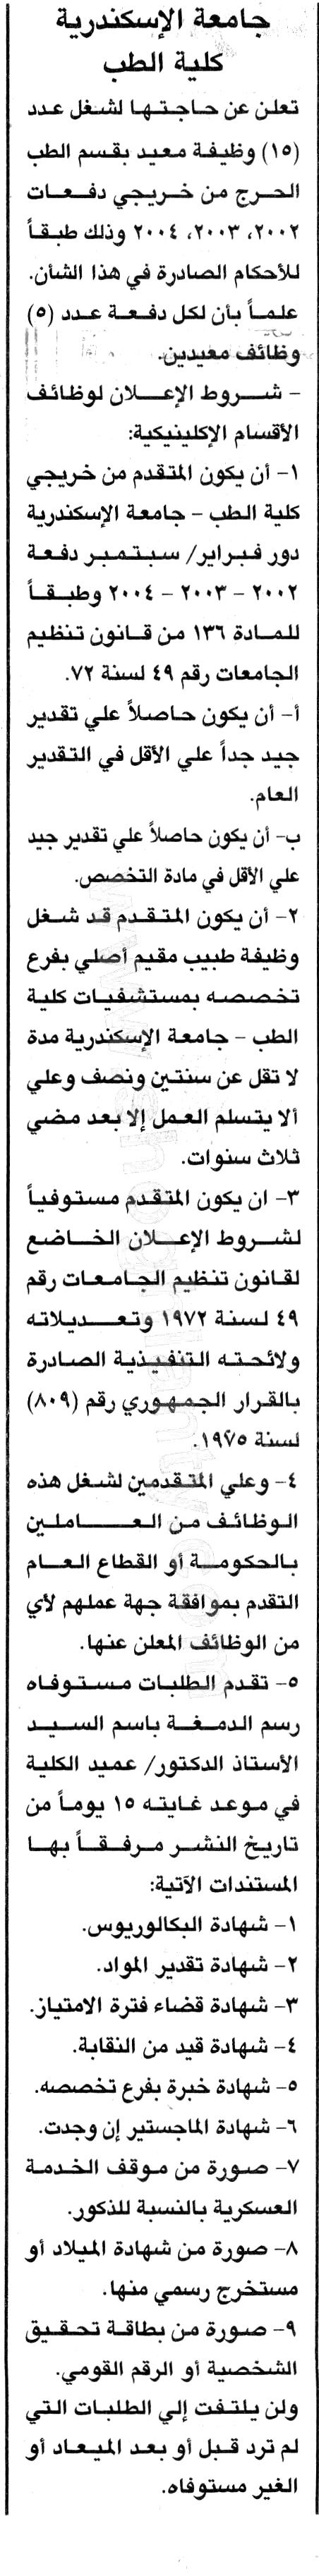 وظائف جامعة الاسكندرية 2019 1